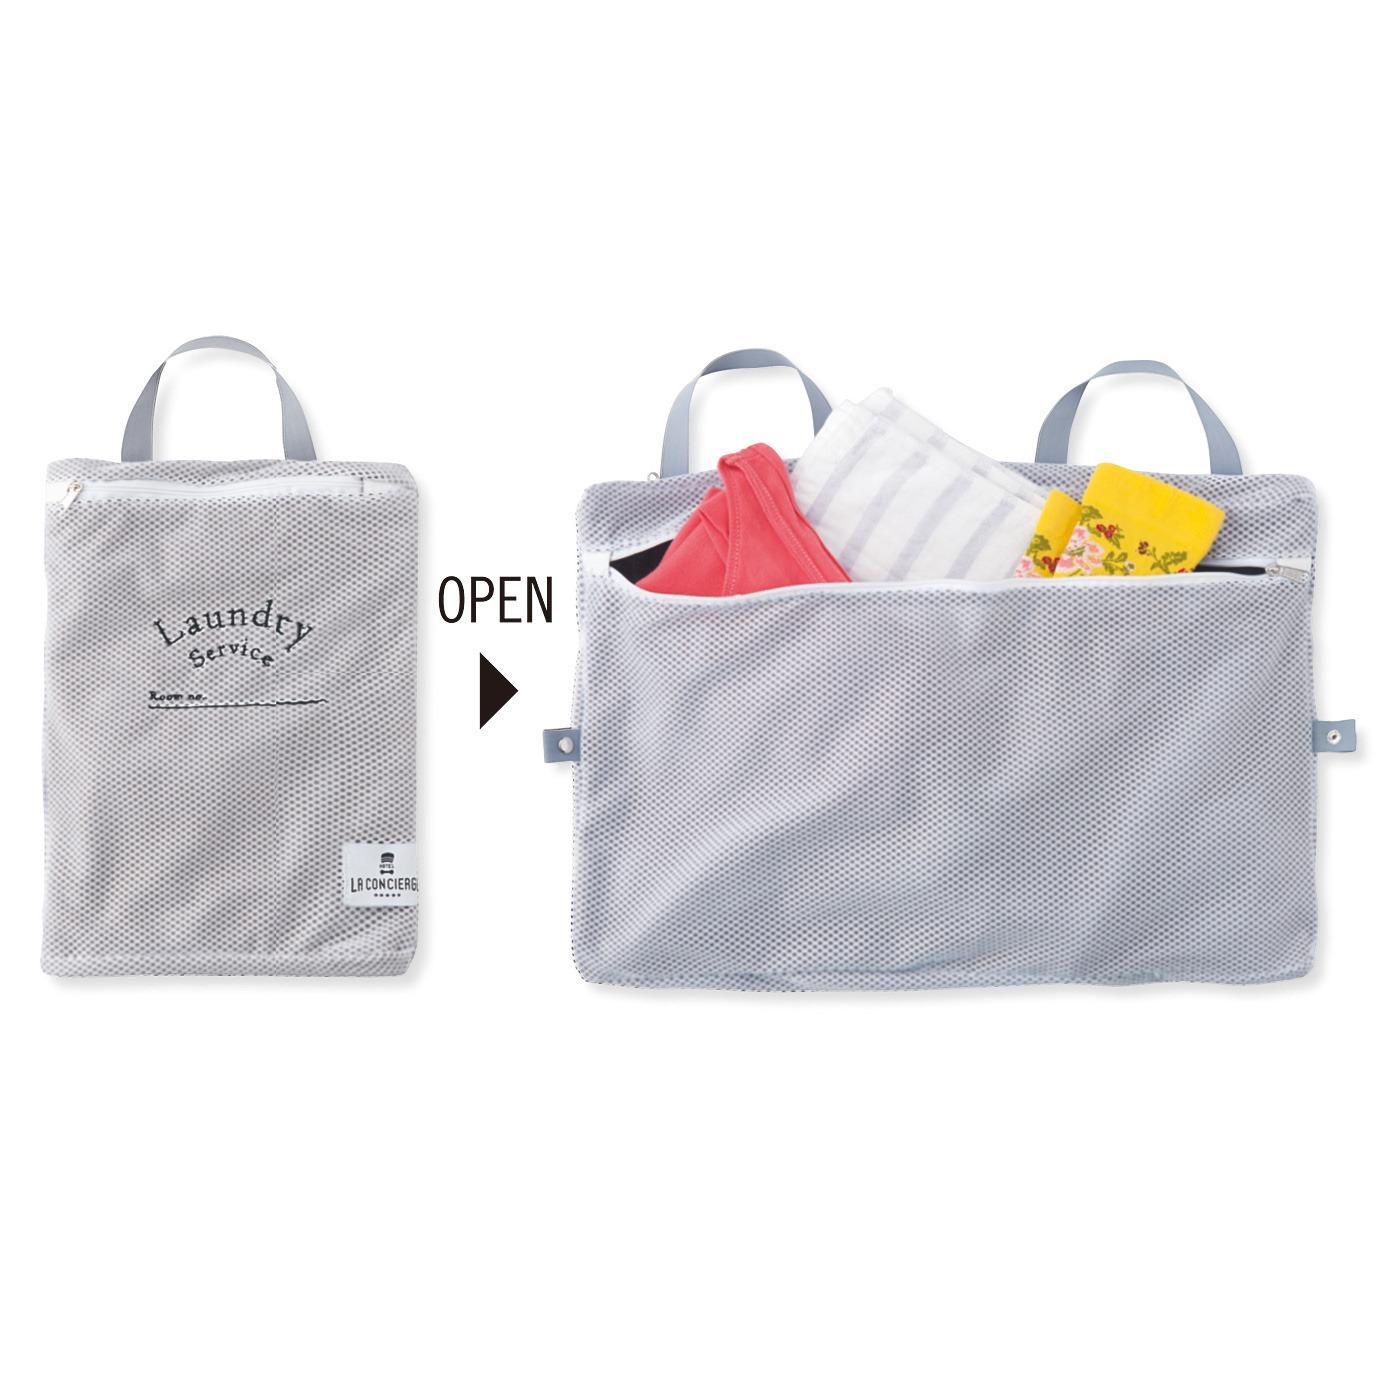 そのまま洗えるランドリーバッグ 分けて収納できるポケット付き。 ■素材/ポリエステルなど ■サイズ/縦約28cm、横約22cm、持ち手の長さ約25cm ※2つ折時 ※洗濯機洗い可